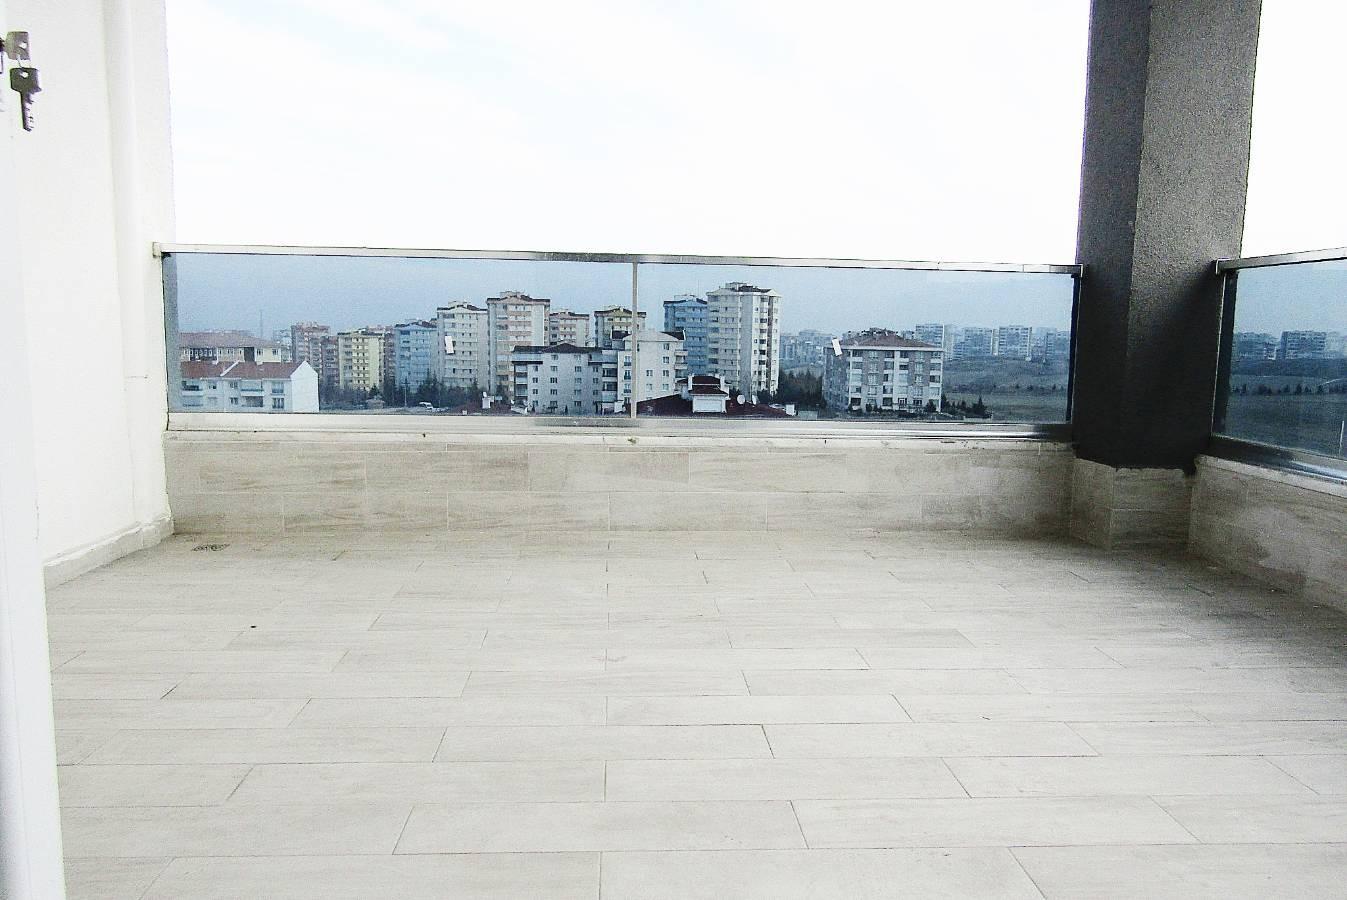 SR EMLAK'TAN AYYILDIZ MAH'DE 3+1 140m² FULL+FULL YAPILI ASANSÖRLÜ SIFIR DAİRE